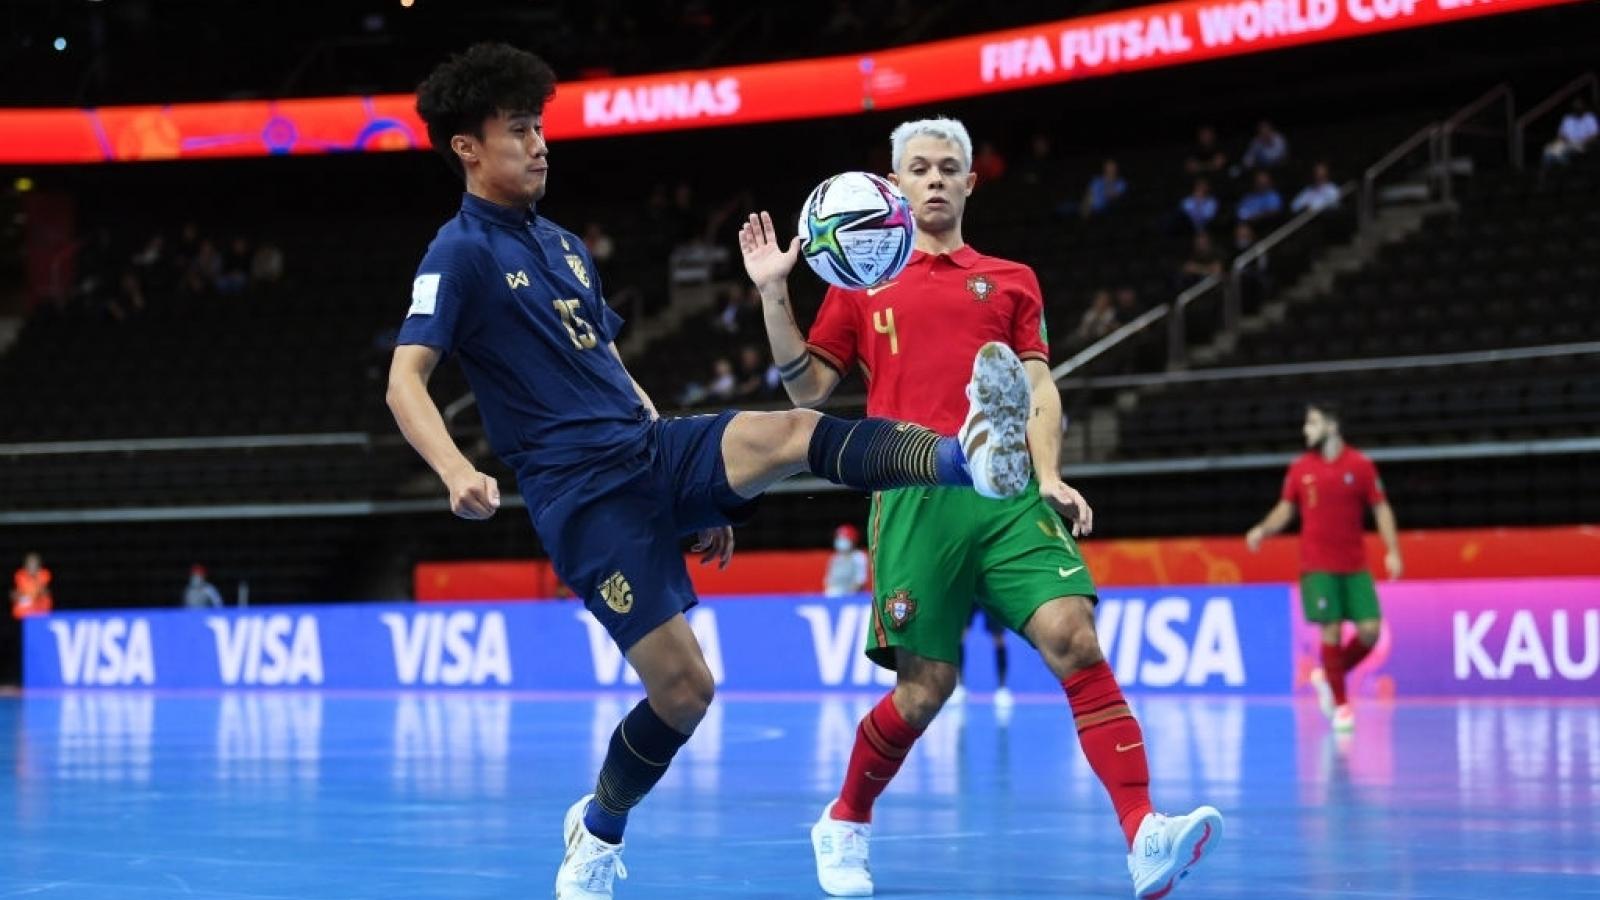 ĐT Futsal Thái Lan không thể gây sốc trước Bồ Đào Nha ở Futsal World Cup 2021